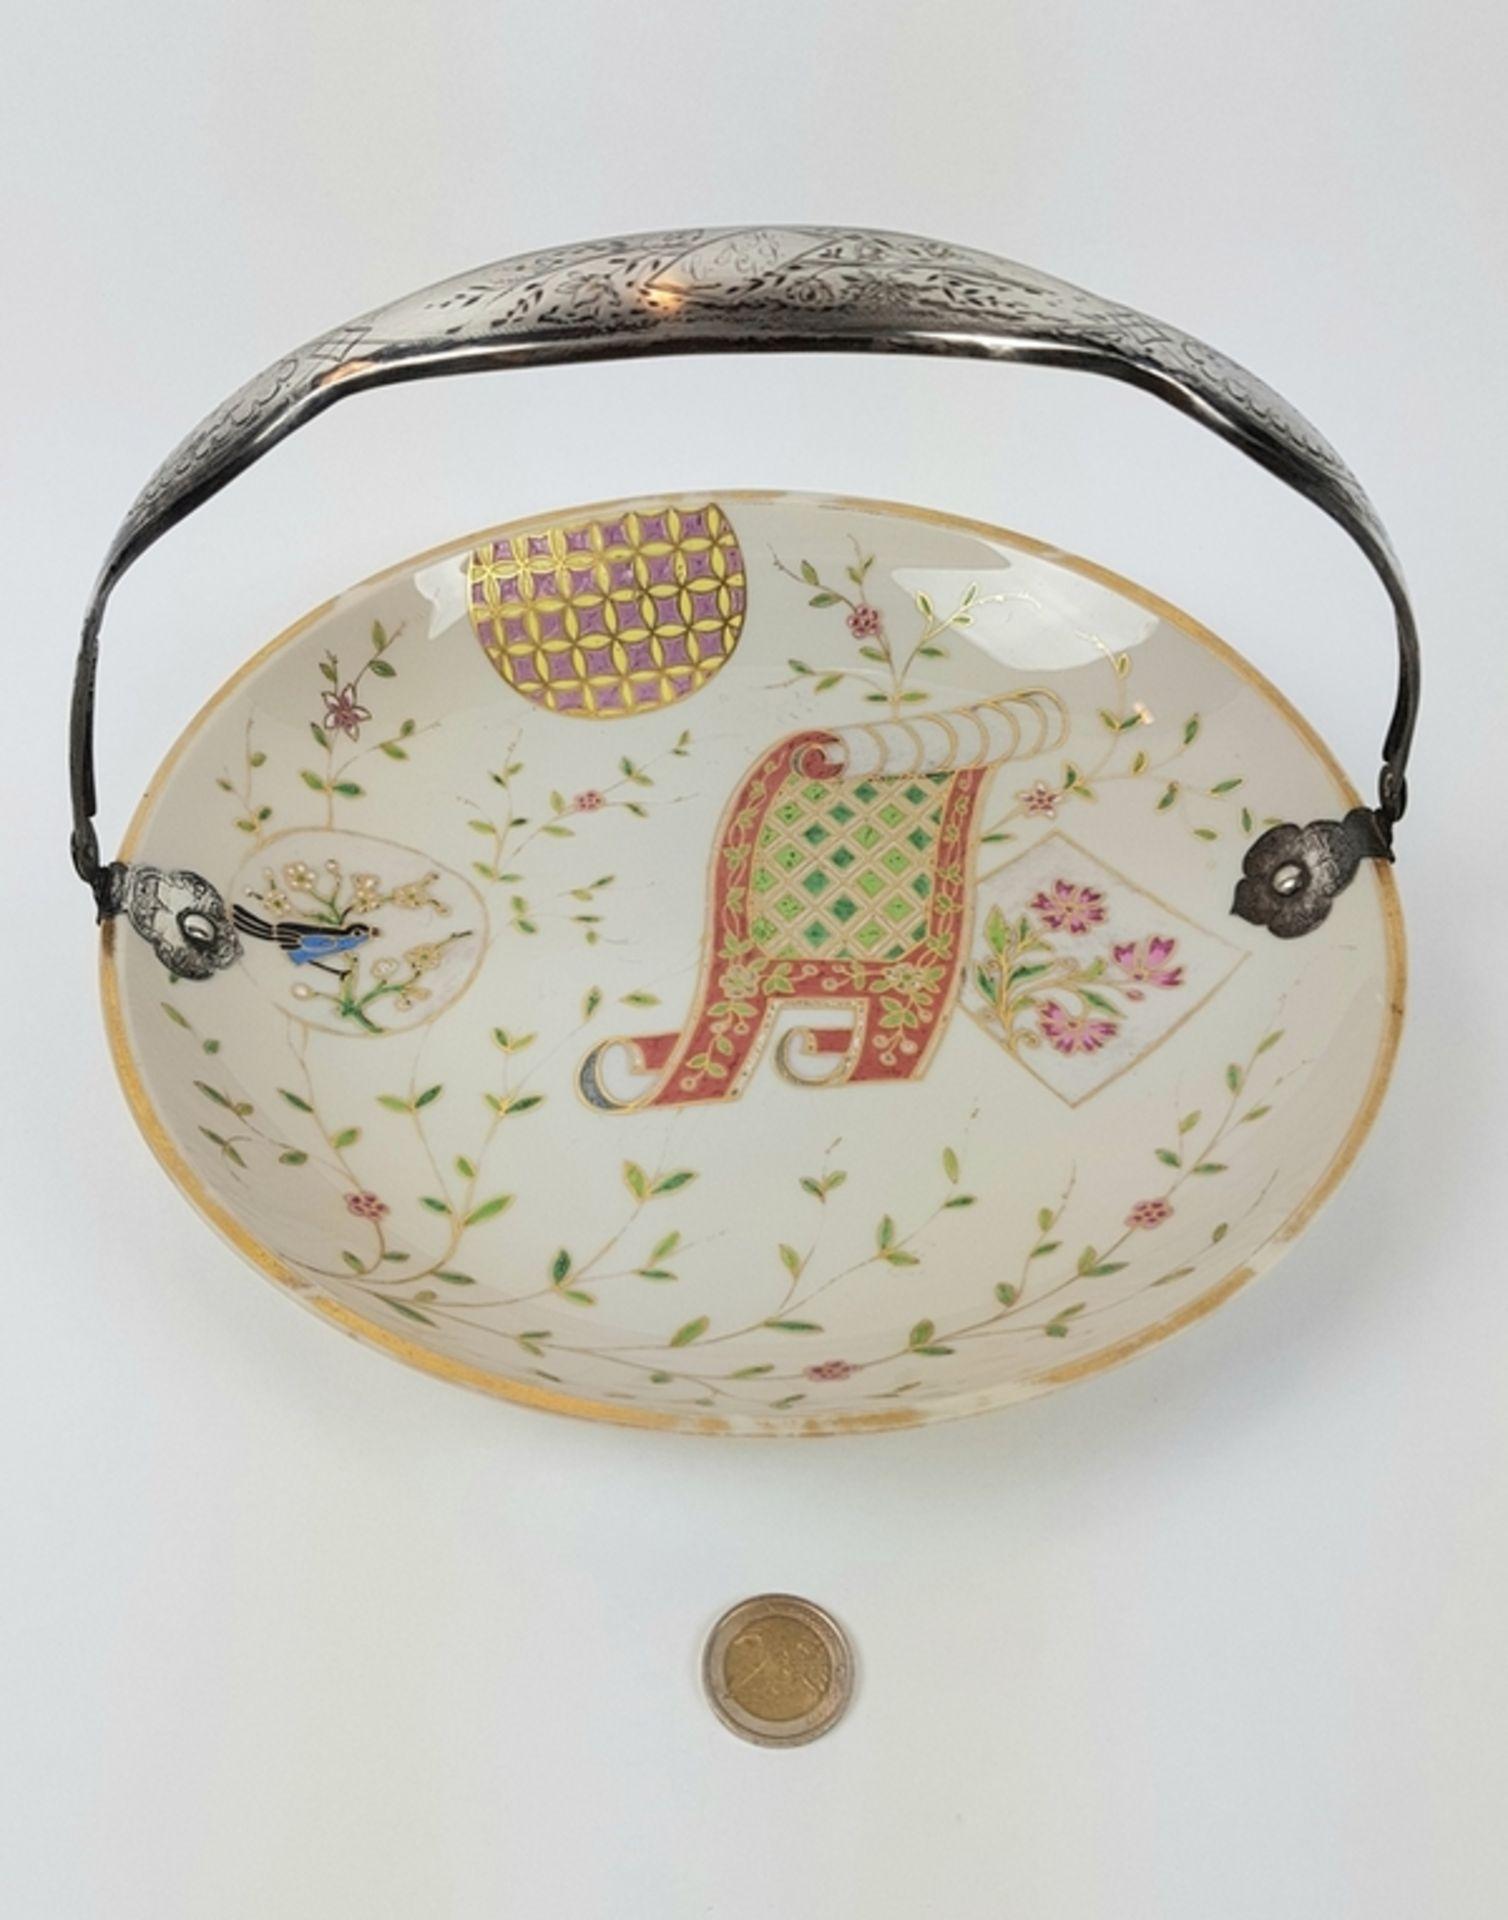 (Antiek) Serveerschaal met zilveren hengselBeschilderde opaline schaal met zilveren hengsel, ci - Image 3 of 8